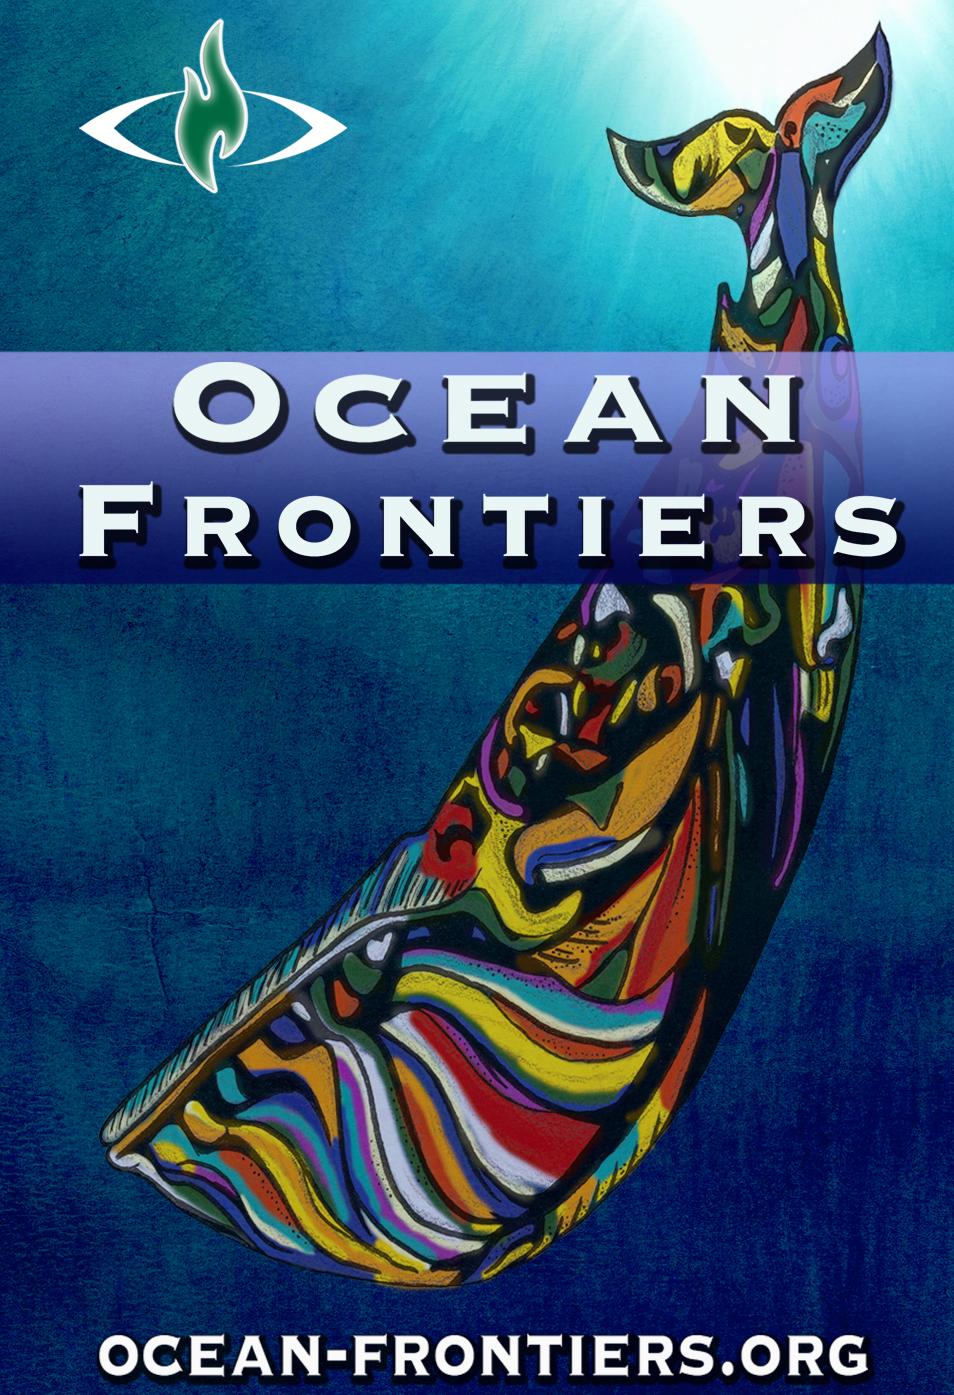 Ocean Frontiers logo courtesy of ocean-frontiers.org.